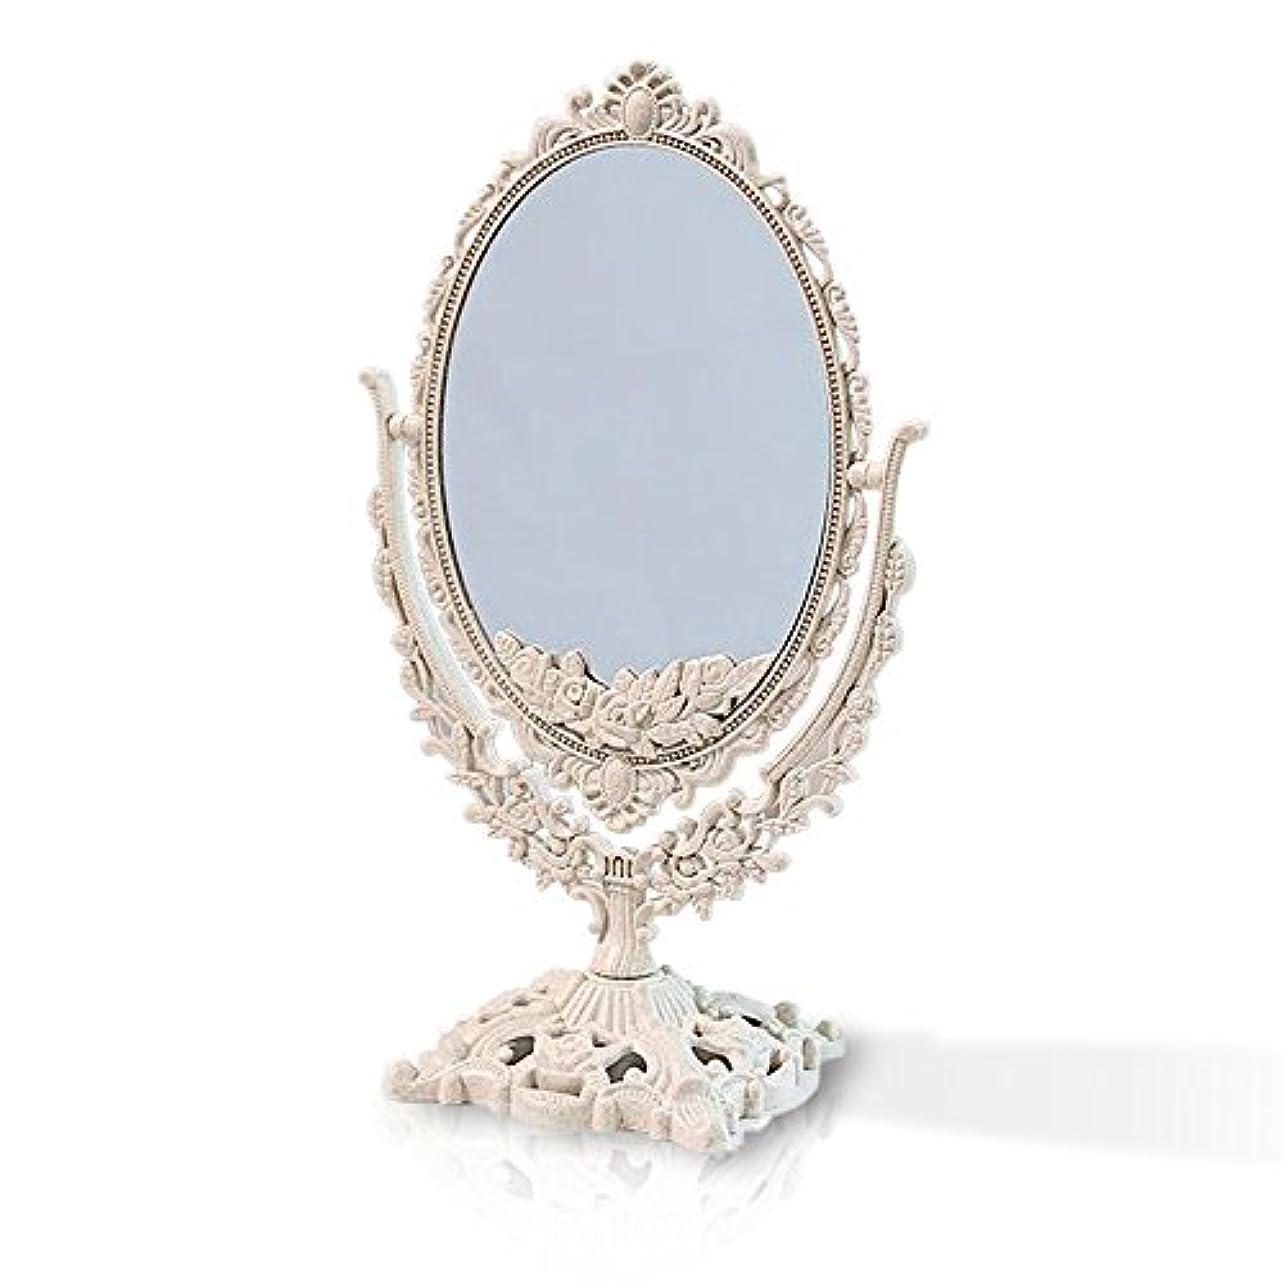 概して整理する実現可能桜の雪 【3倍拡大鏡付き】 両面化粧鏡  ヨーロッパ式 (小さい型)